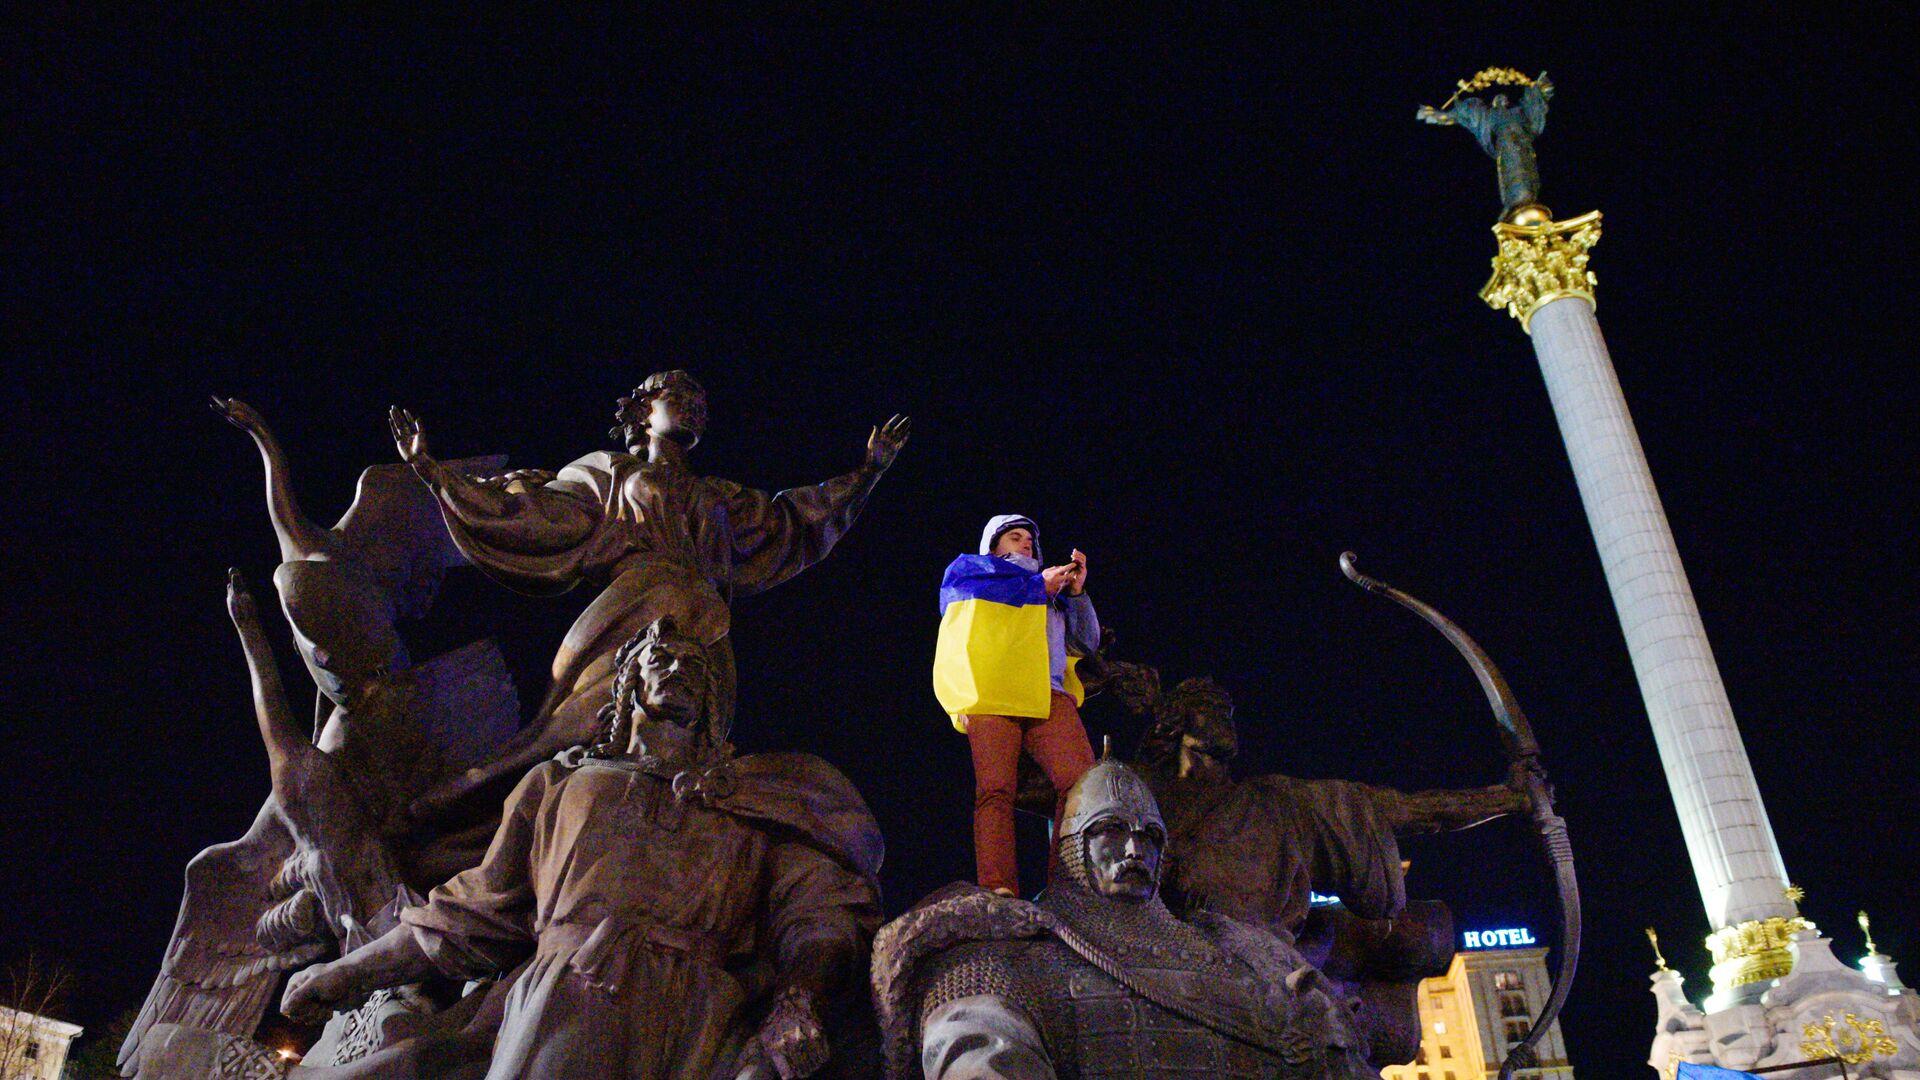 Митинг в Киеве в честь годовщины событий на Майдане - РИА Новости, 1920, 25.01.2021